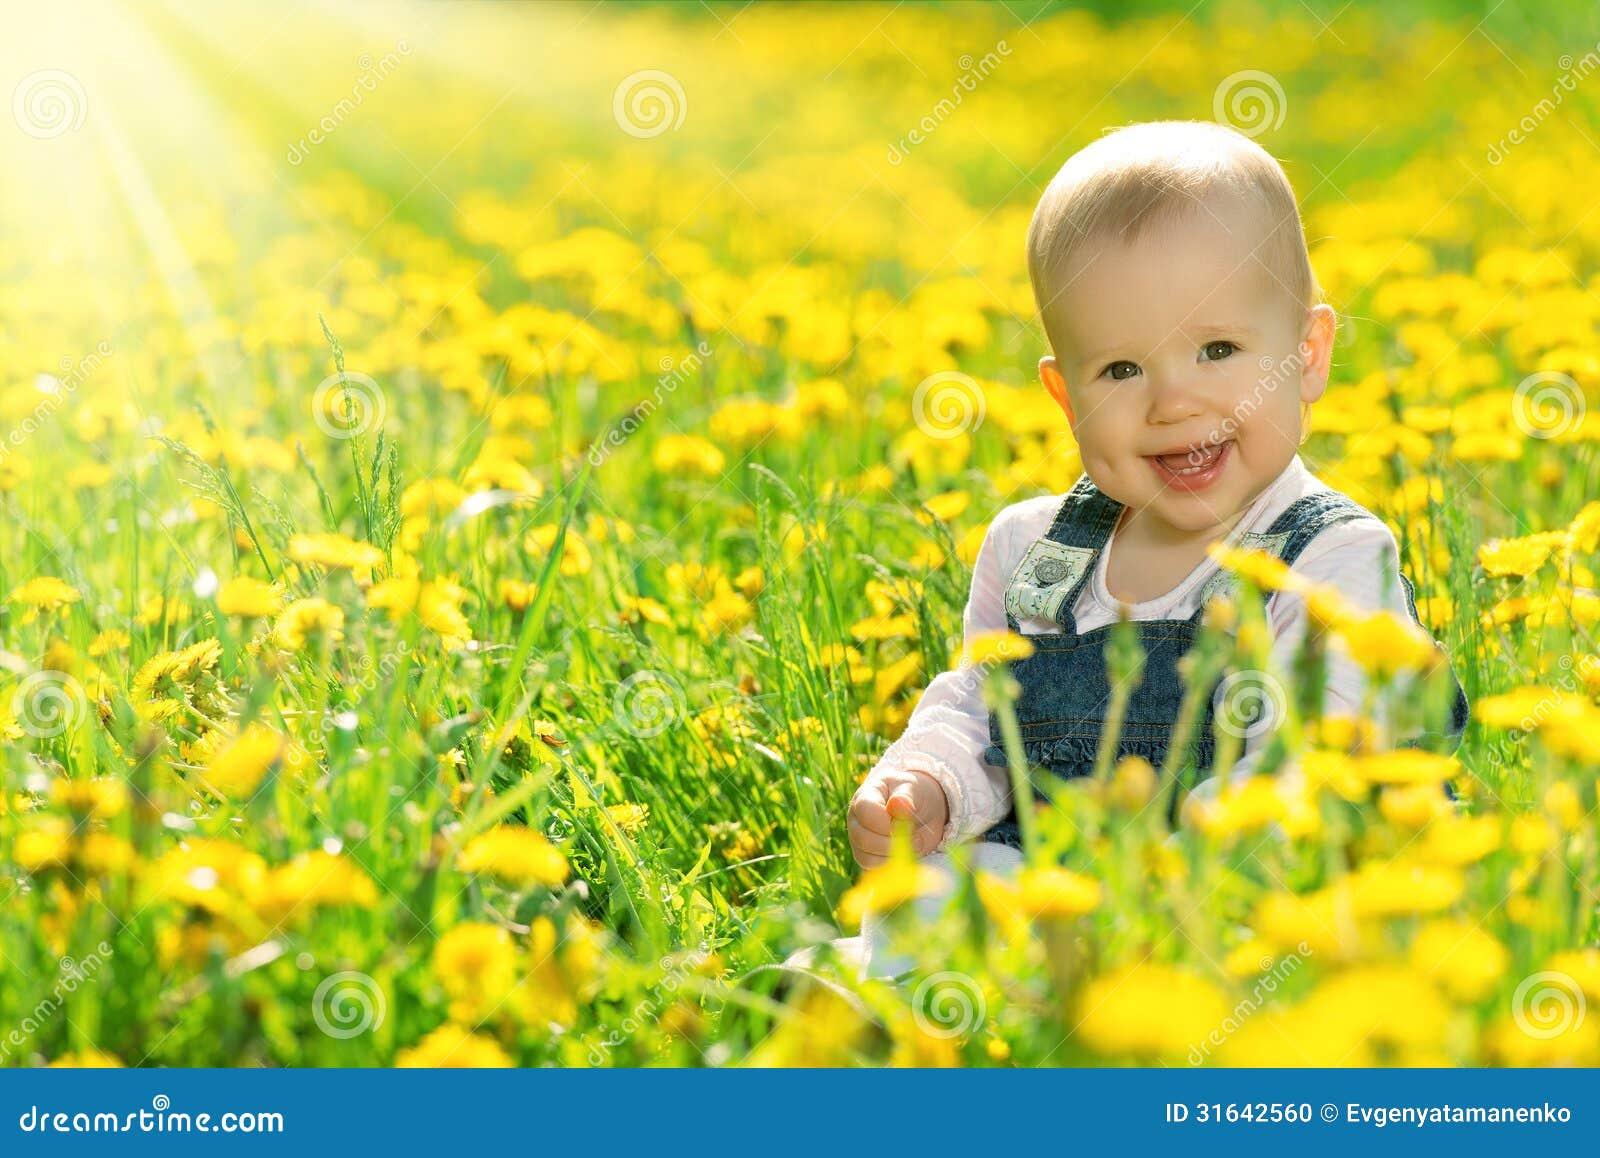 gl ckliches baby auf wiese mit gelben blumen auf der natur stockfoto bild 31642560. Black Bedroom Furniture Sets. Home Design Ideas